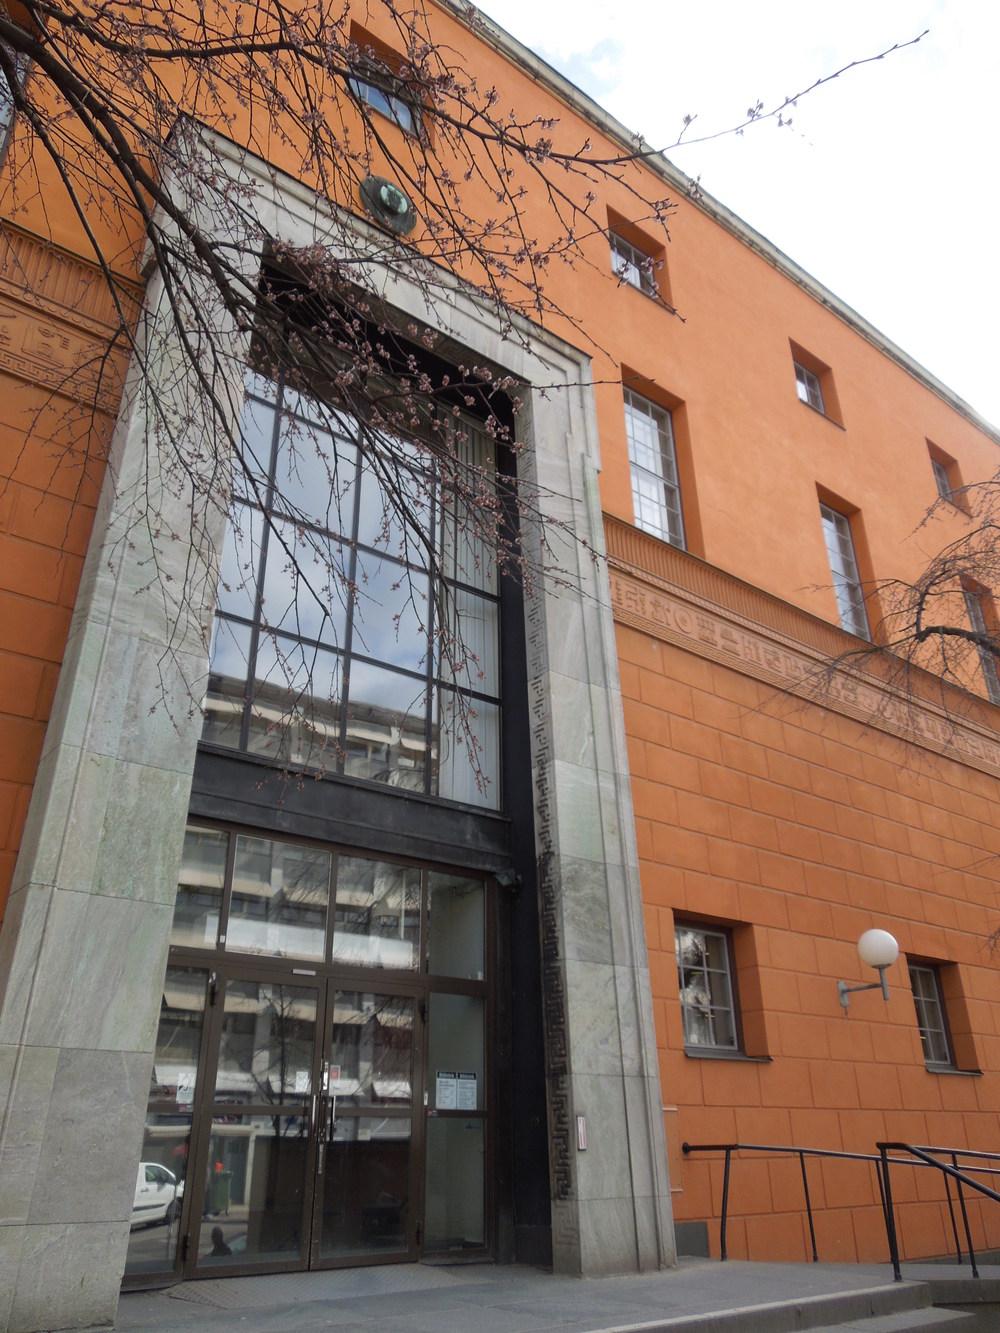 Stockholm Public Library, by Gunnar Asplund